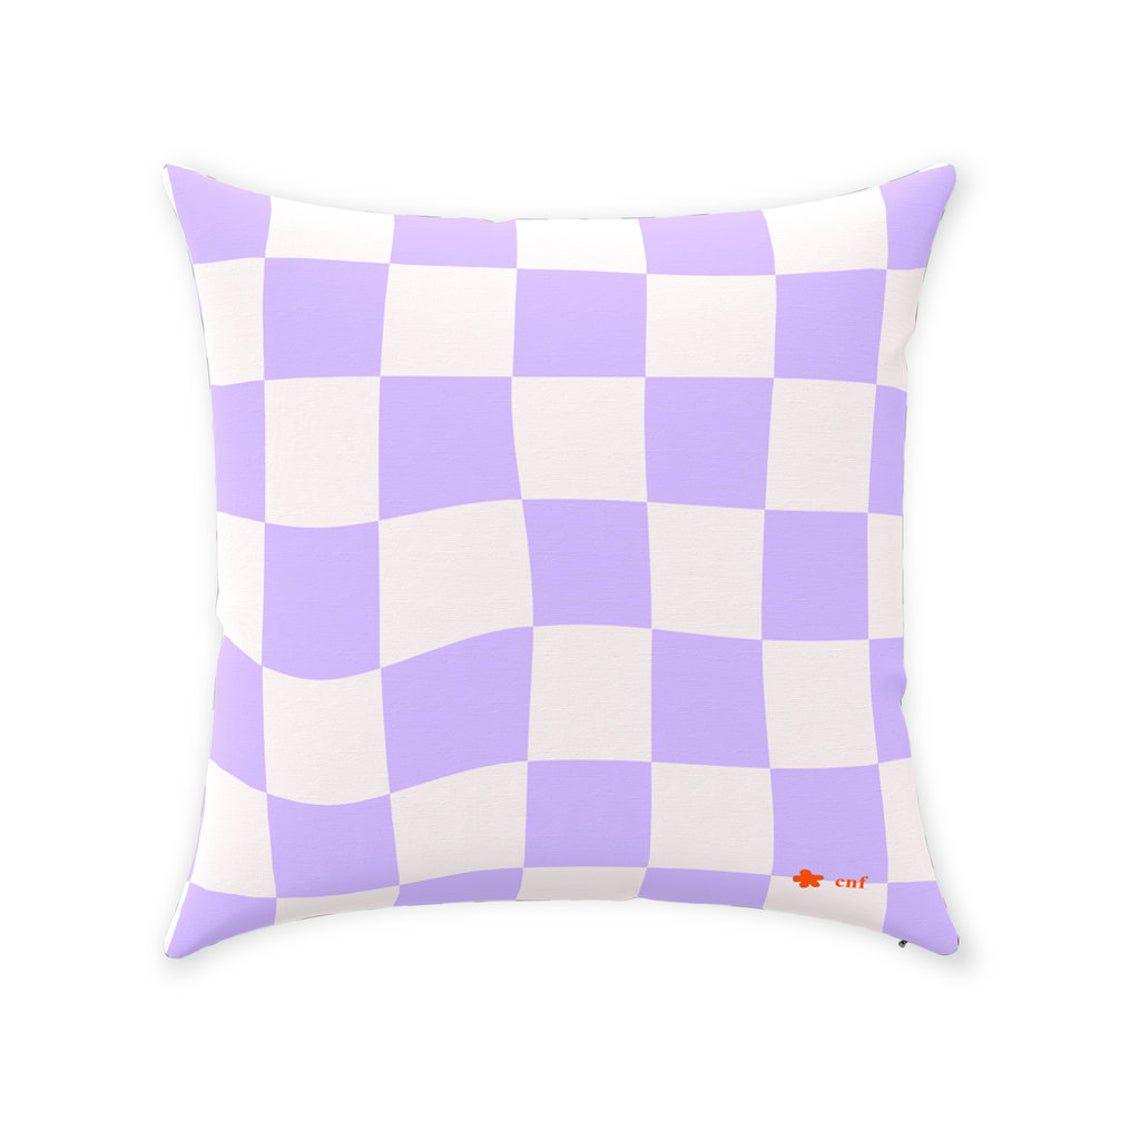 Checky Throw Pillows